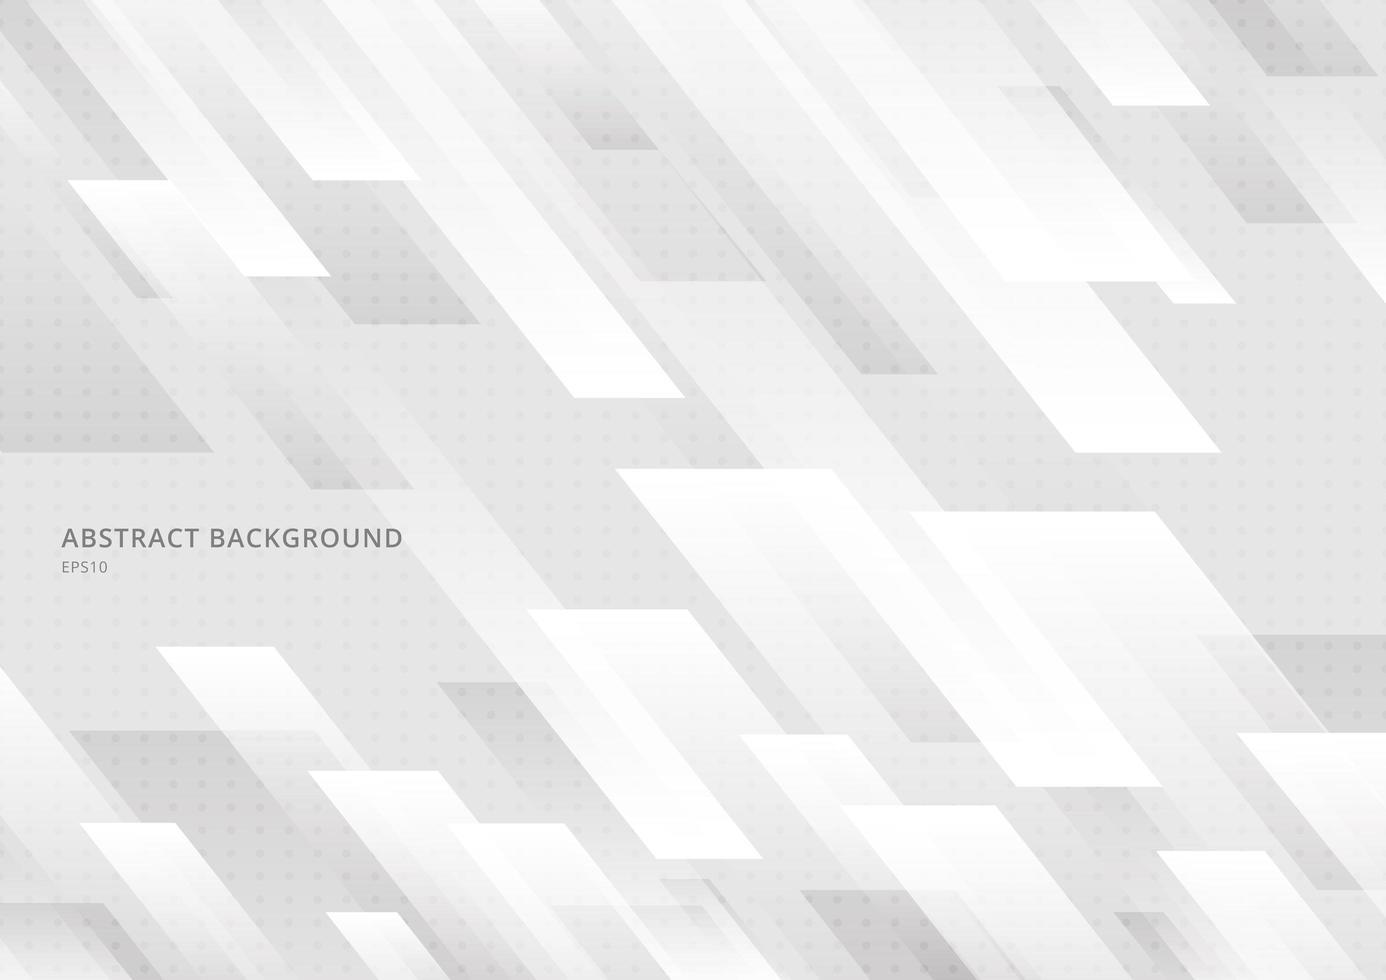 forma moderna abstracta diagonal geométrica blanca y gris. vector